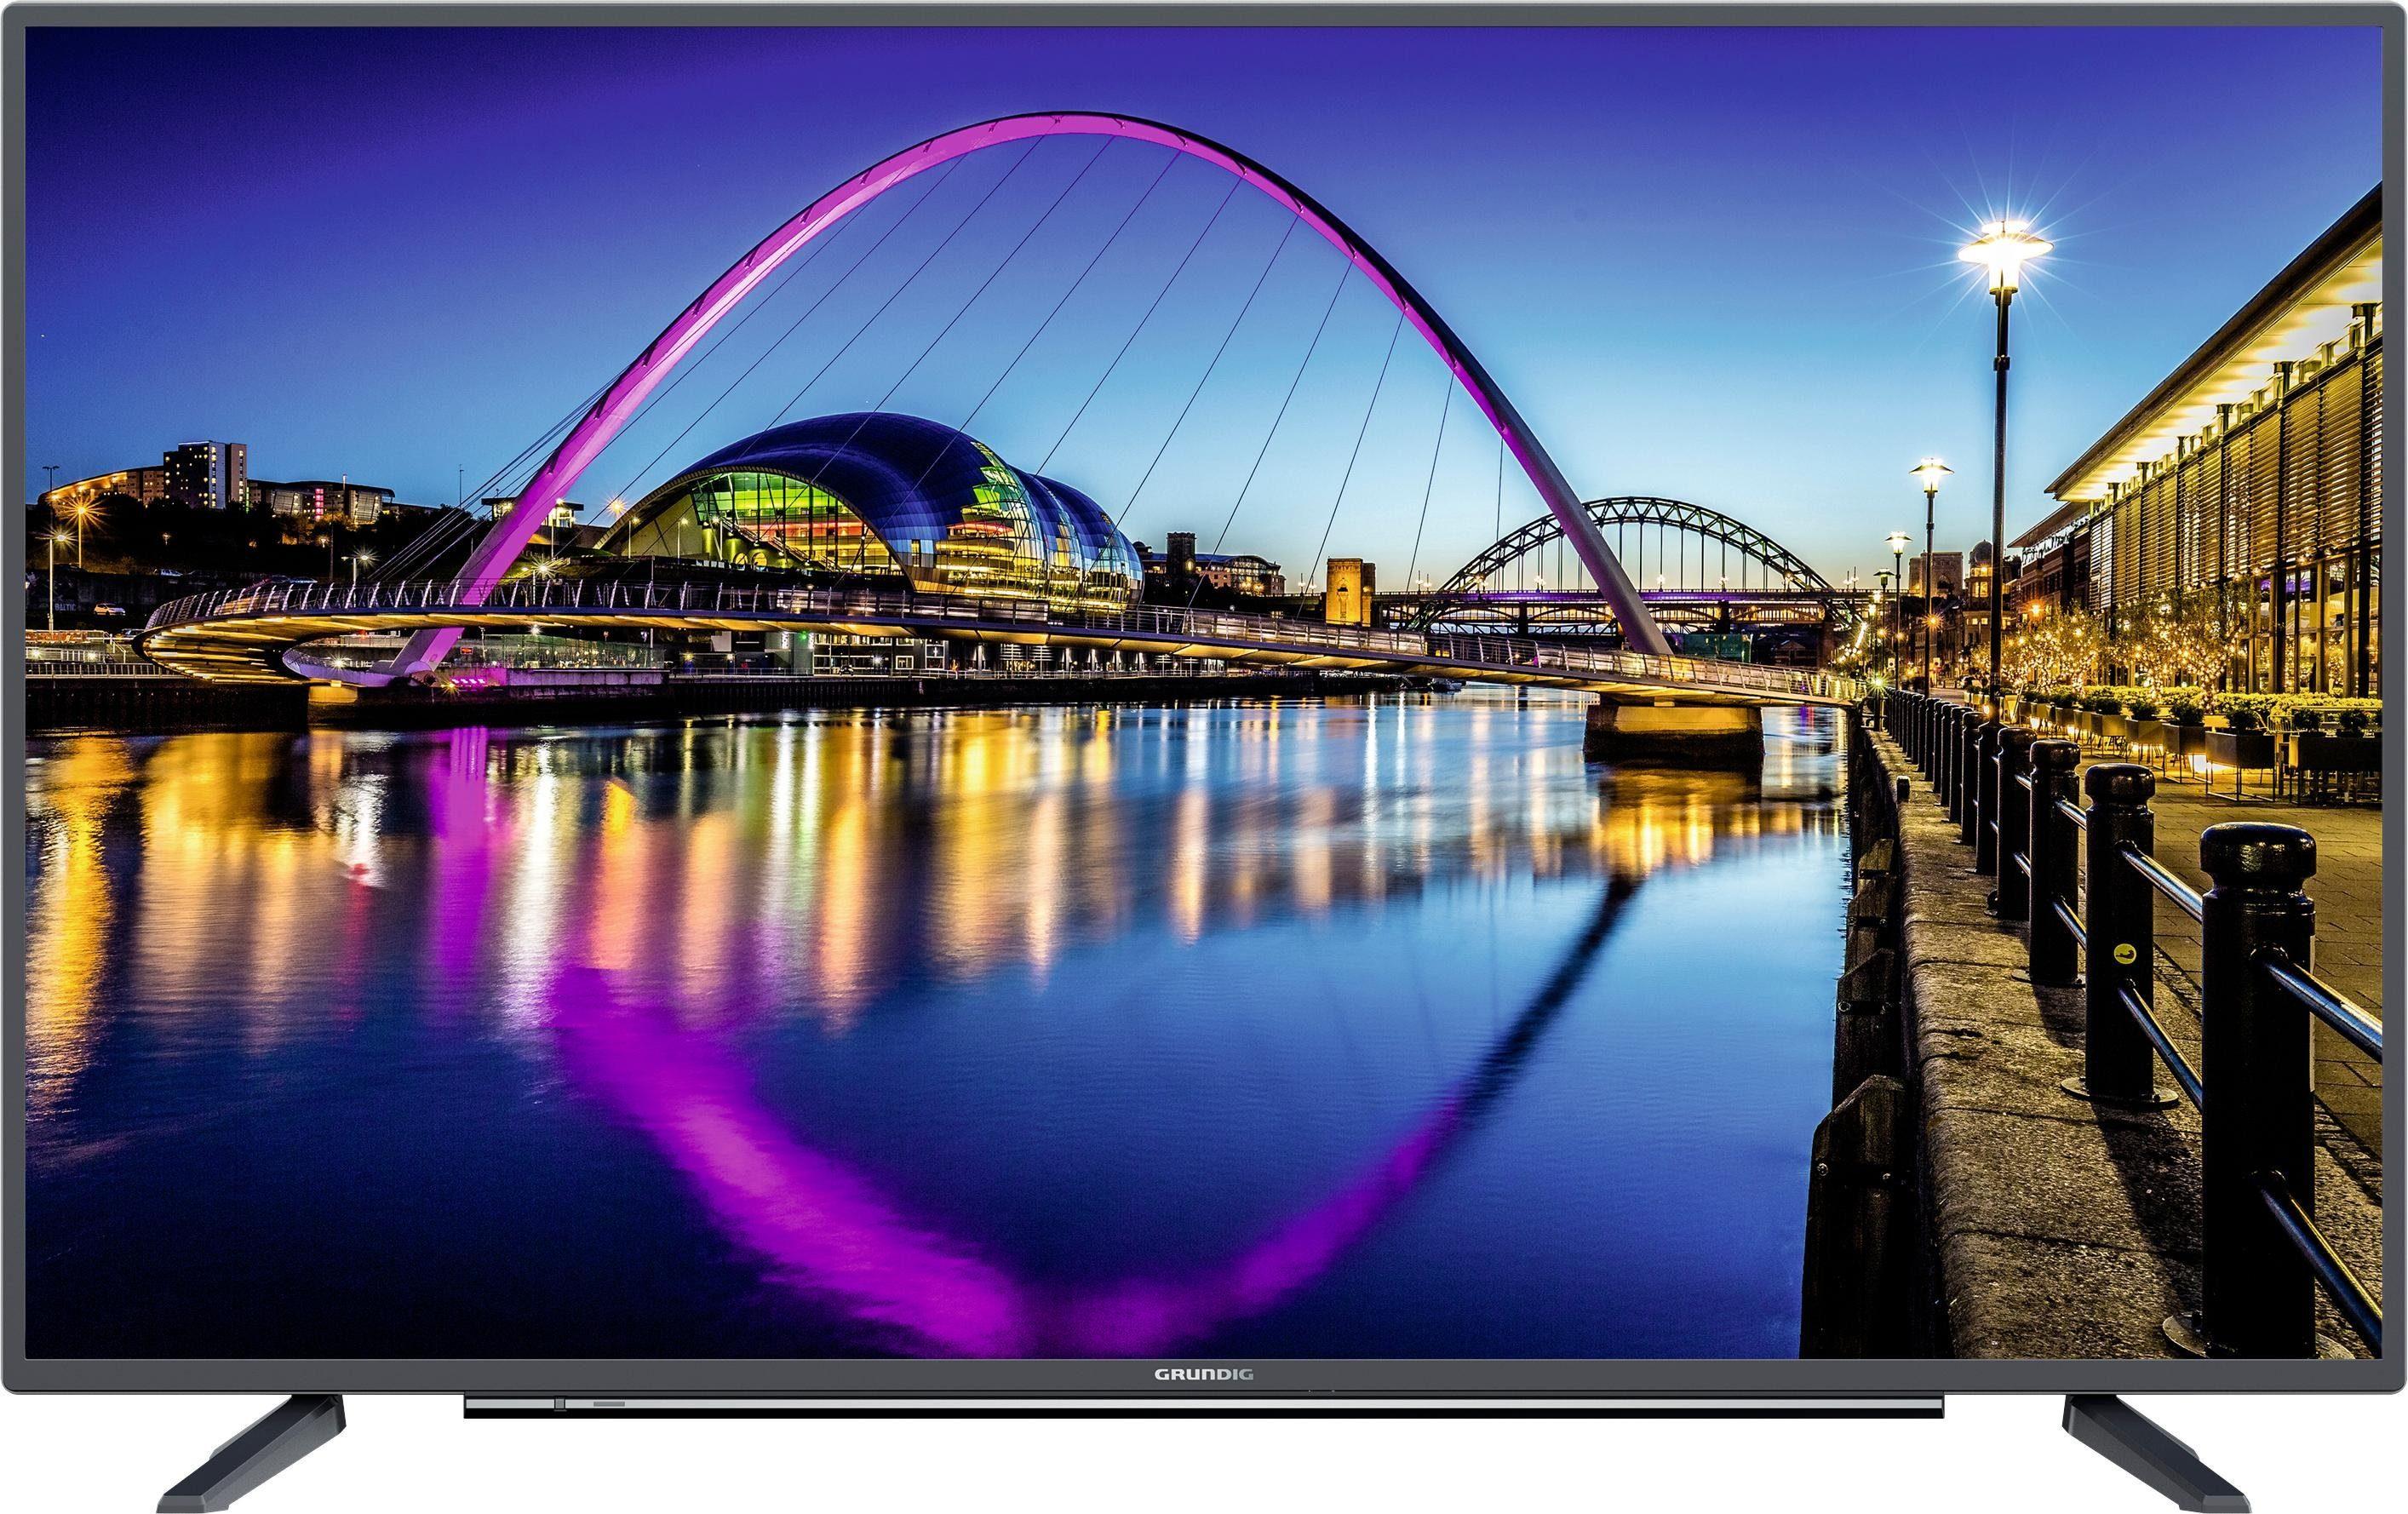 Grundig 32 GFT 6820 LED-Fernseher (80 cm/32 Zoll, Full HD, Smart-TV)